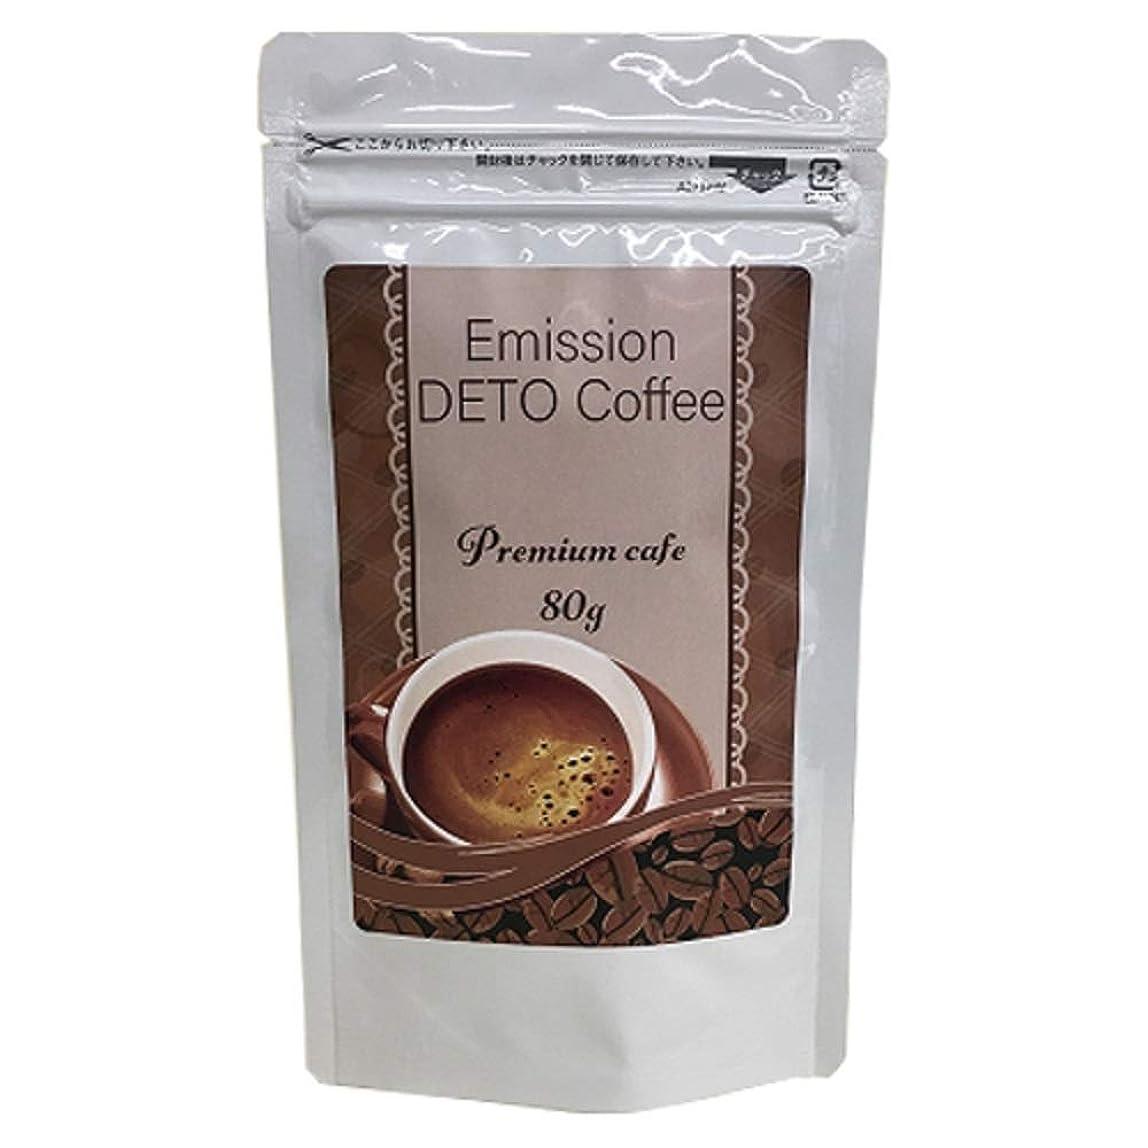 アルファベットモンゴメリー資本主義エミッションデトコーヒー ダイエットコーヒー